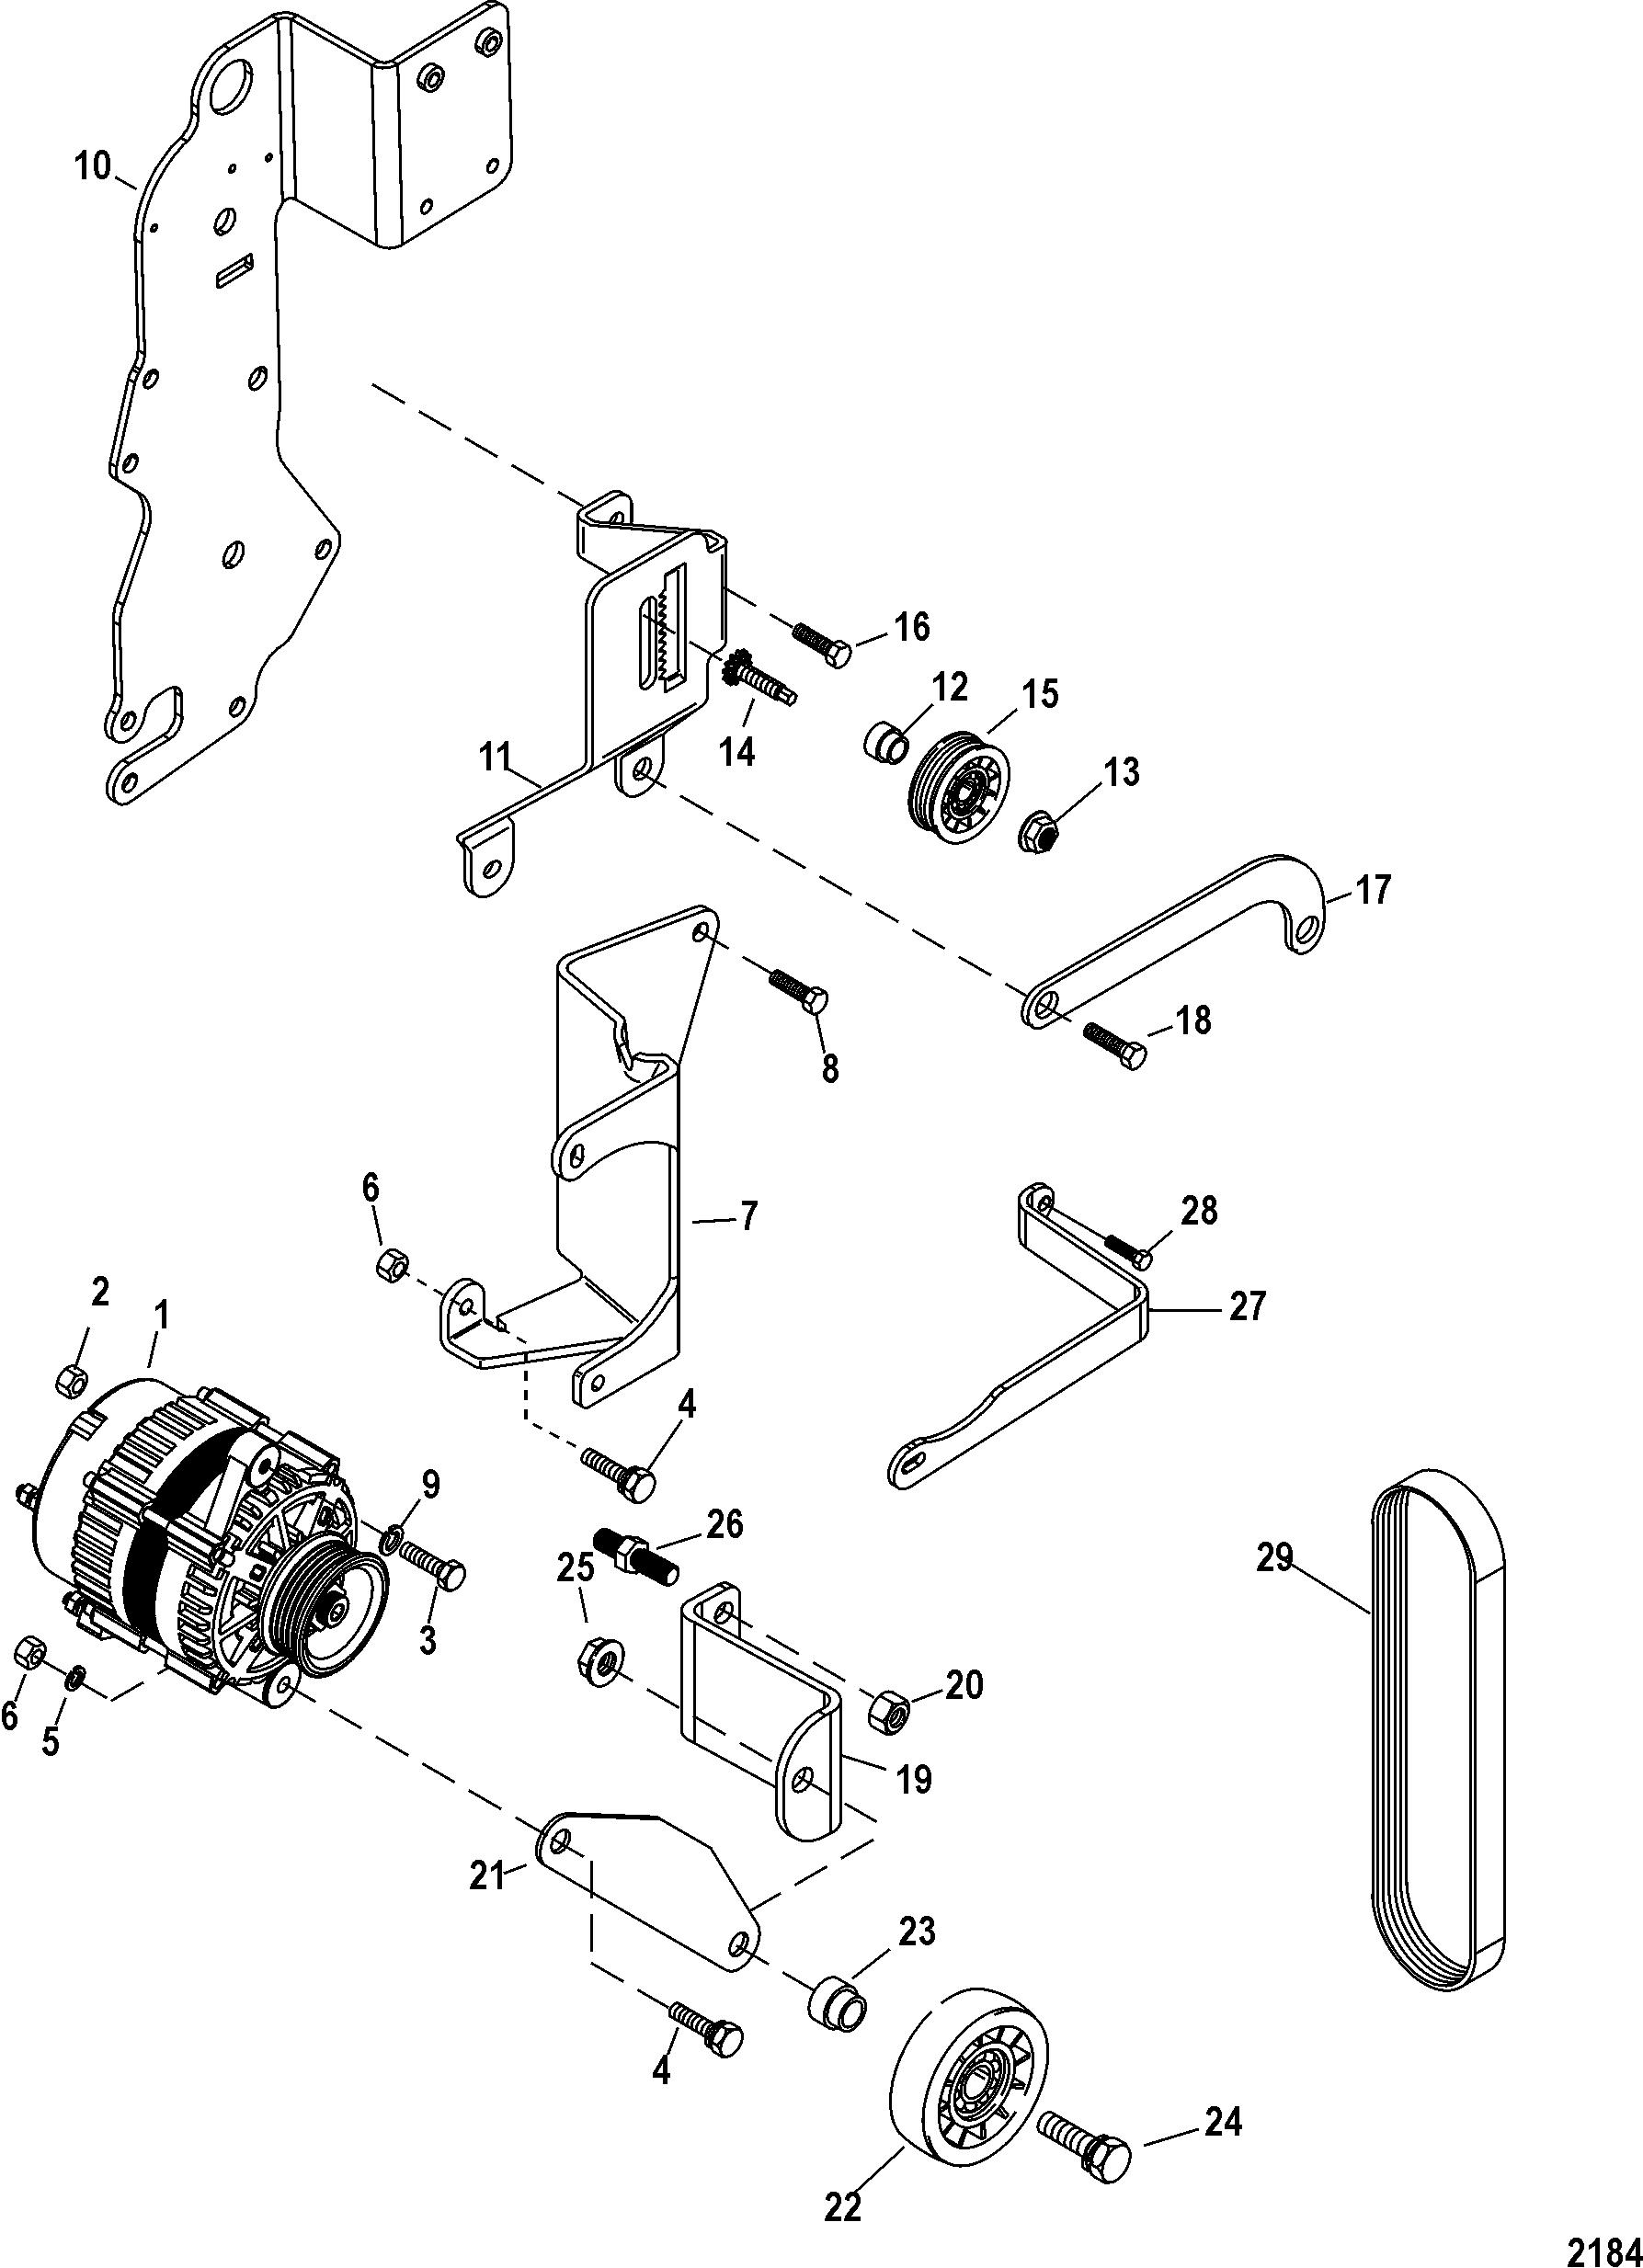 Alternator And Brackets For Mercruiser 5 0l 5 7l Sterndrive